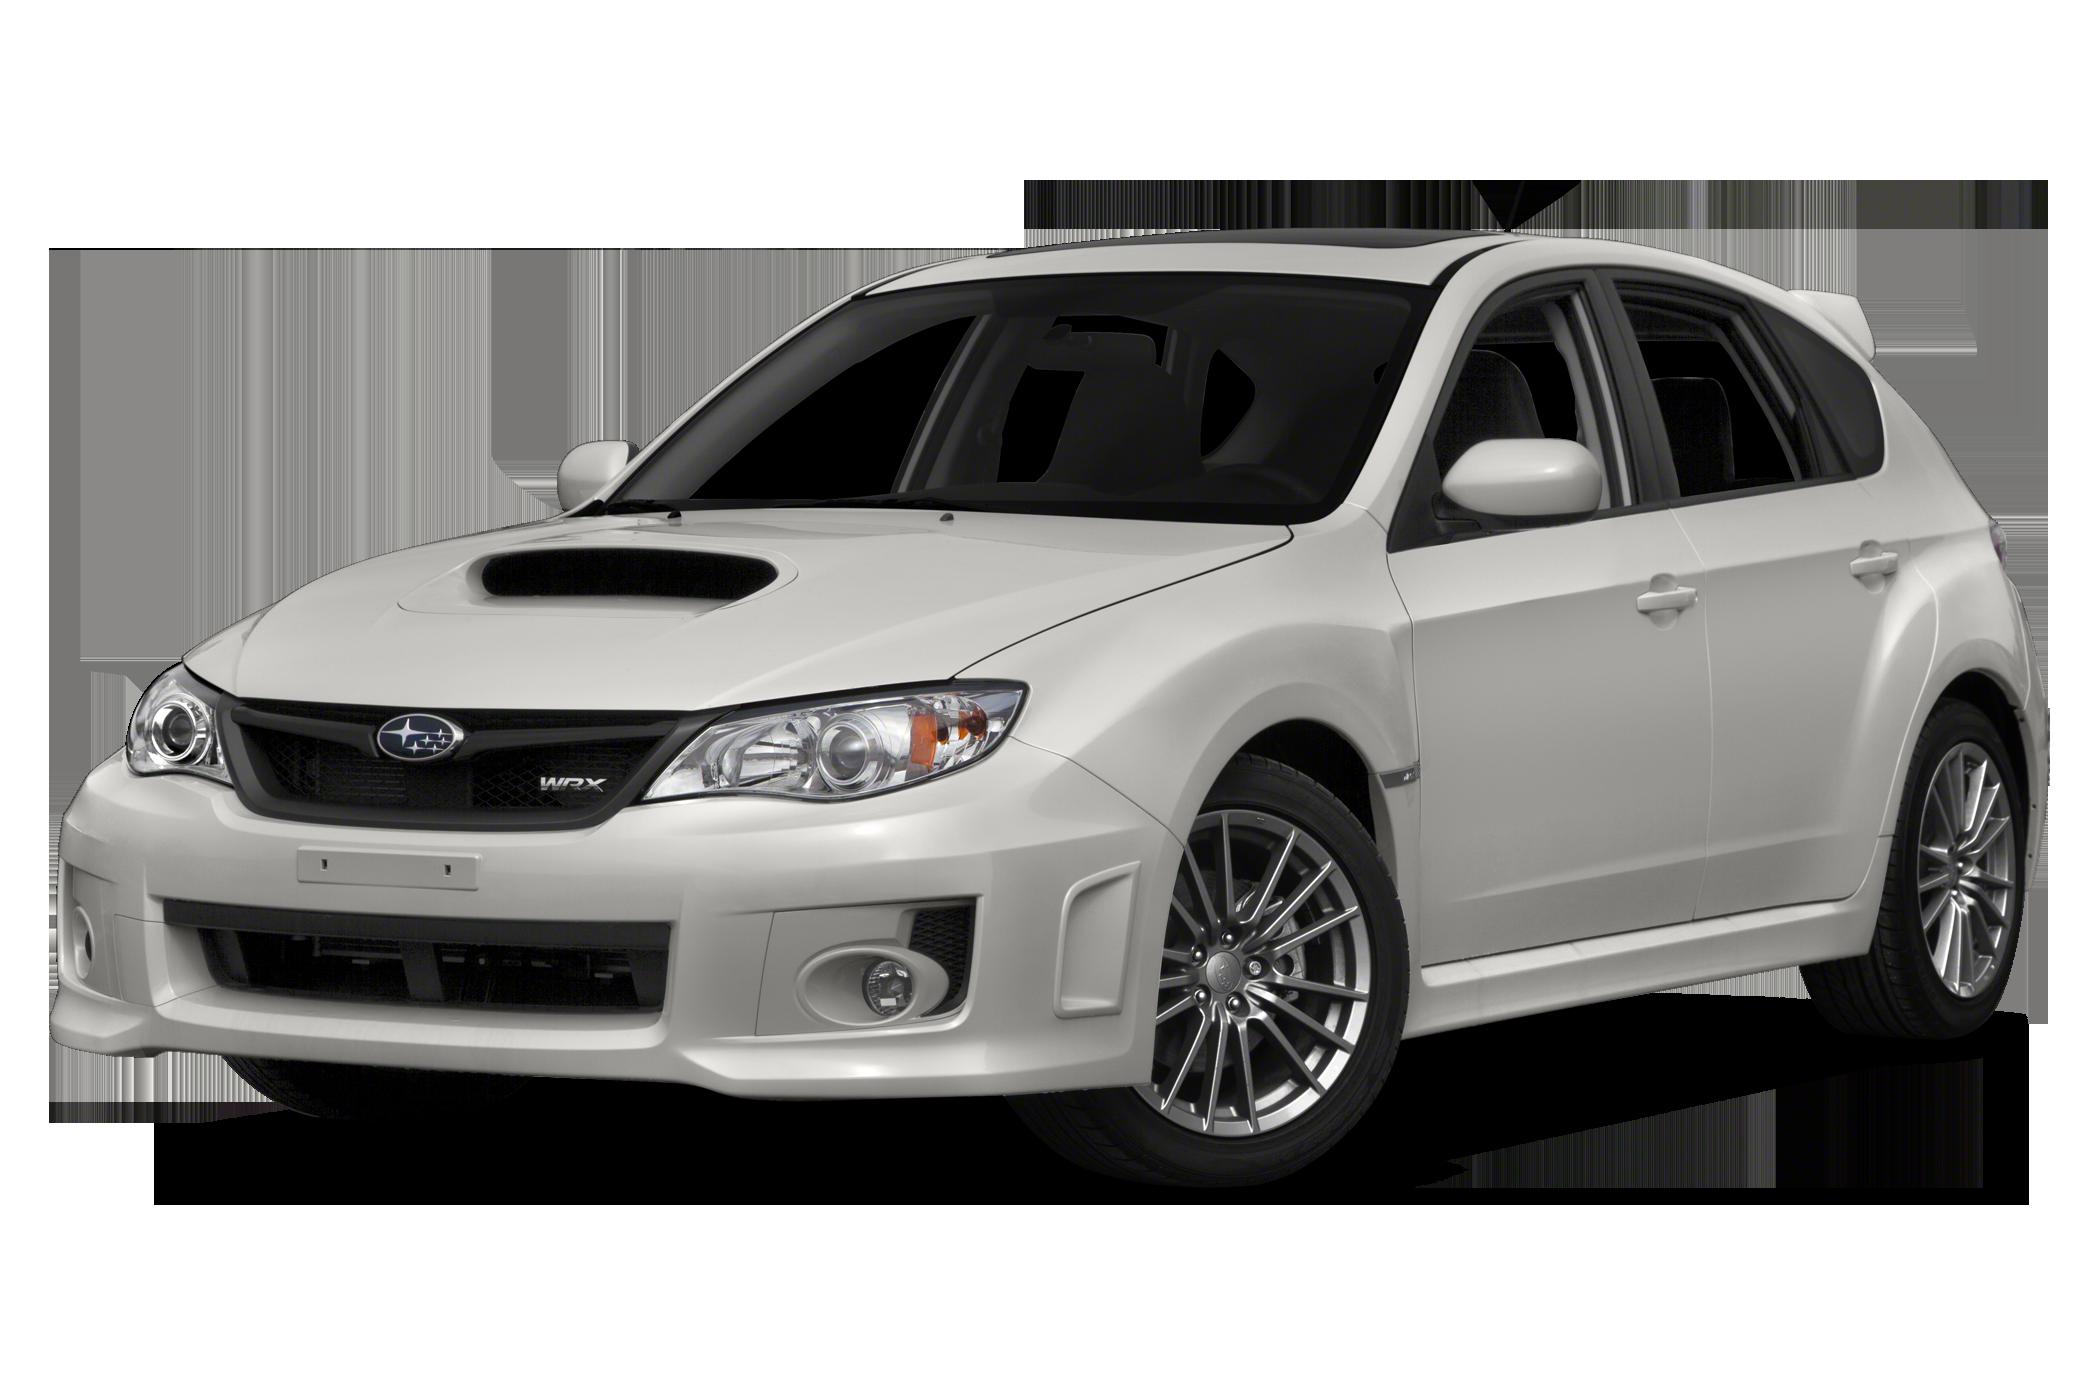 2014 Subaru Impreza Wrx Limited 2014 Subaru Impreza Wrx